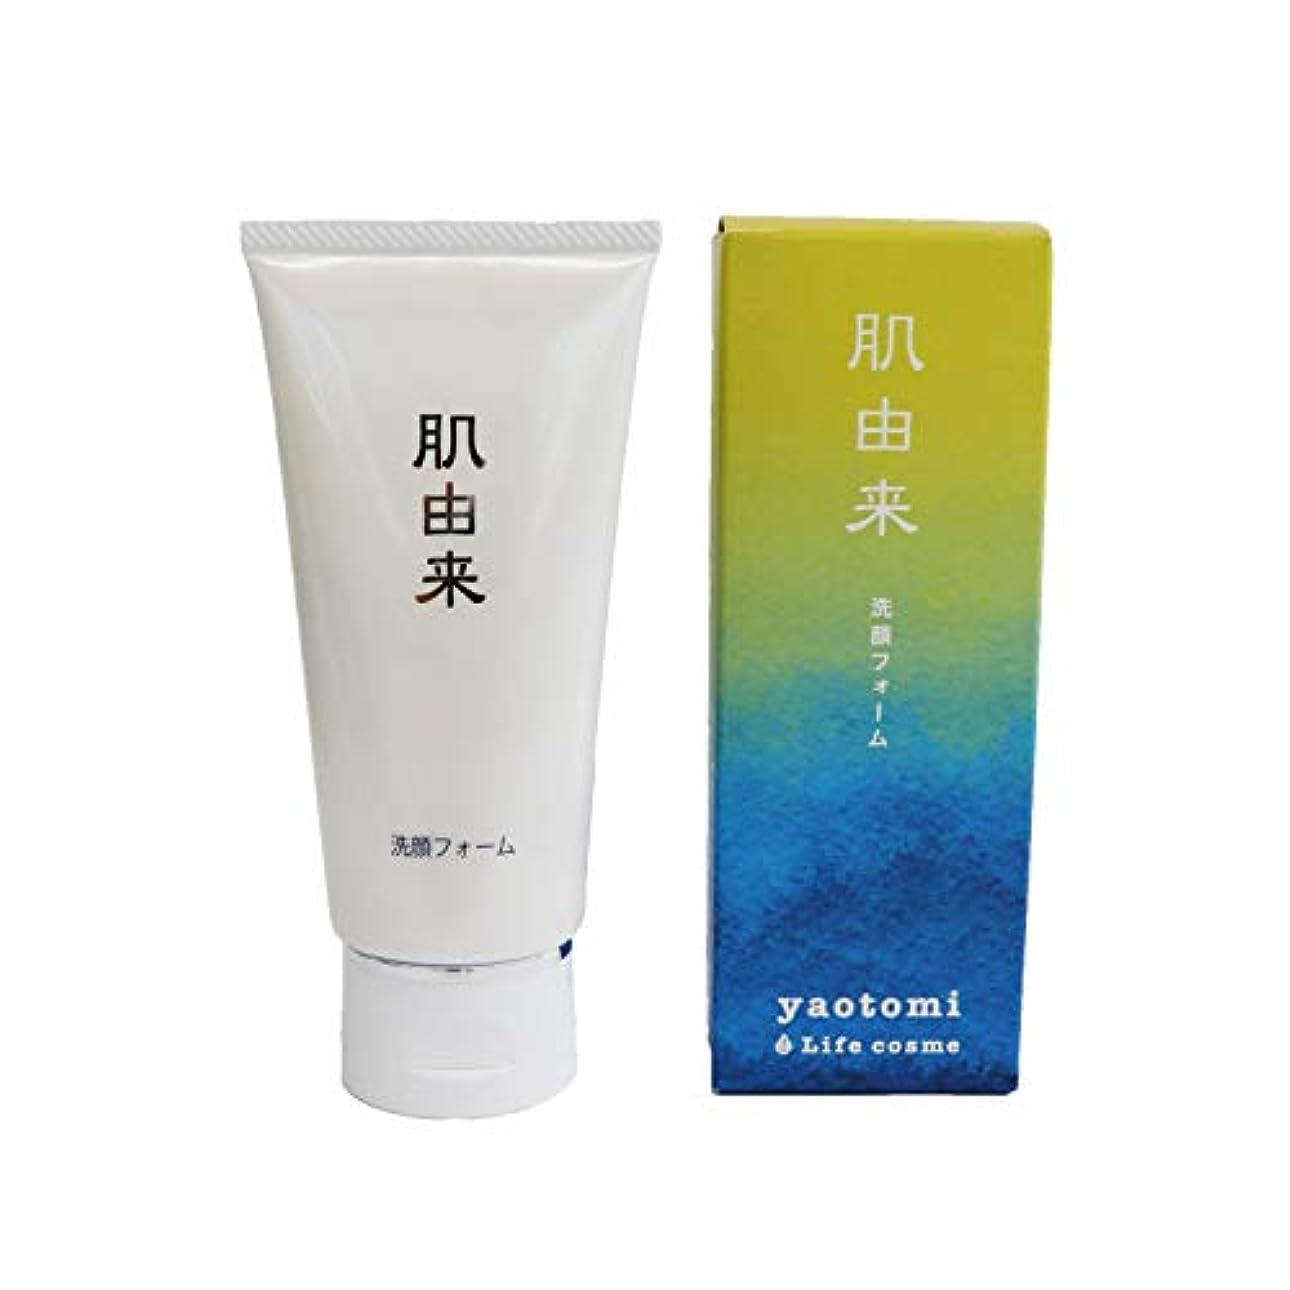 種をまくかどうかそよ風ヤオトミアットライフコスメ (yaotomi@Life cosme) 洗顔フォームN 80g